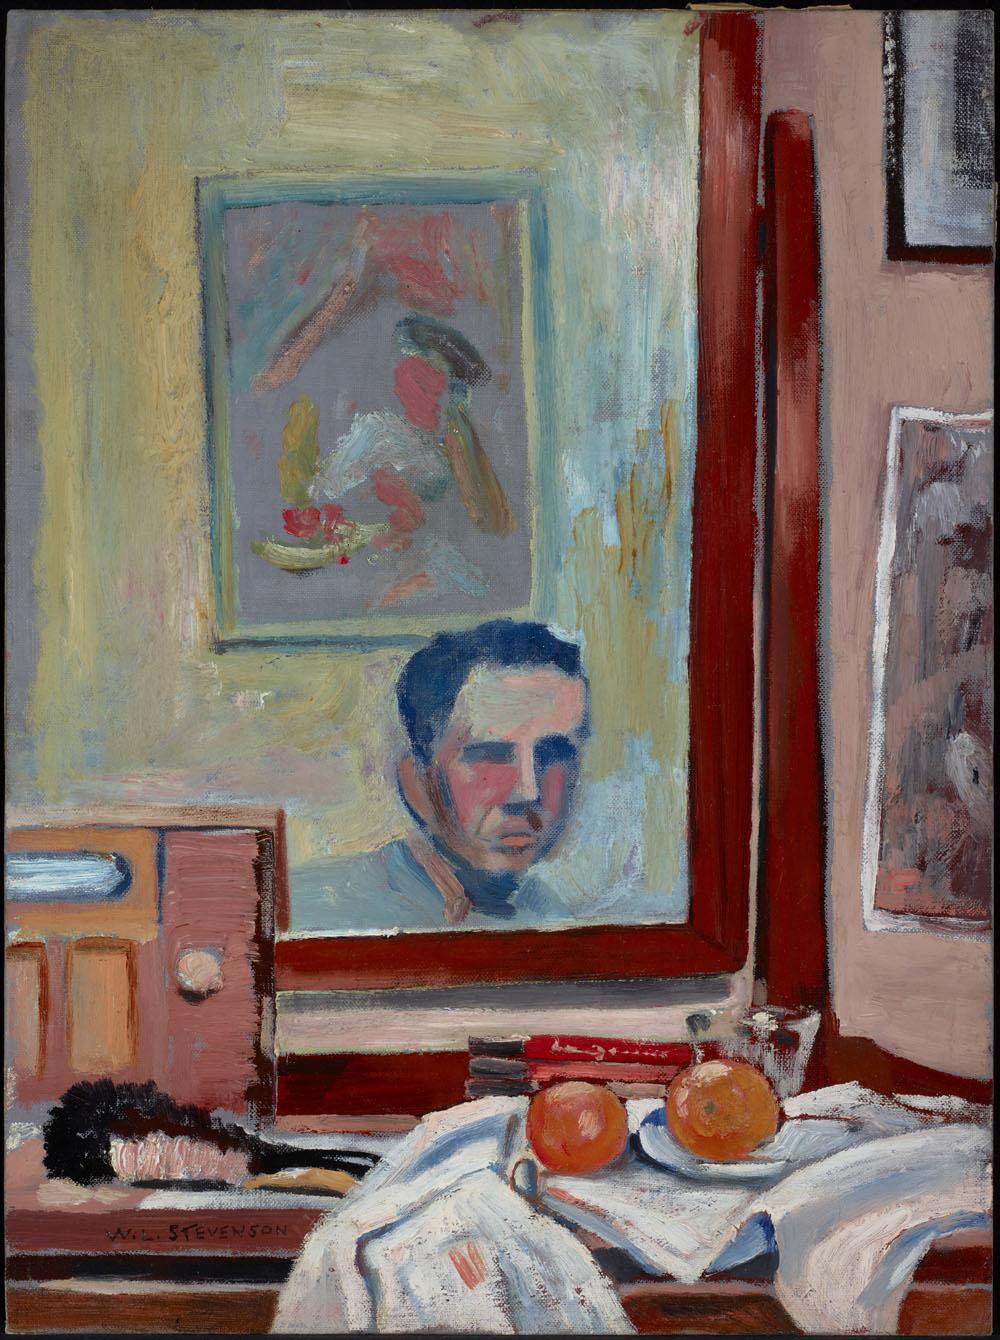 Peinture d'un miroir et d'une composition de nature morte sur une coiffeuse avec de nombreux livres, une brosse, une radio et deux oranges sur une assiette placée au-dessus d'un journal. Le reflet du miroir montre l'artiste et une autre peinture.